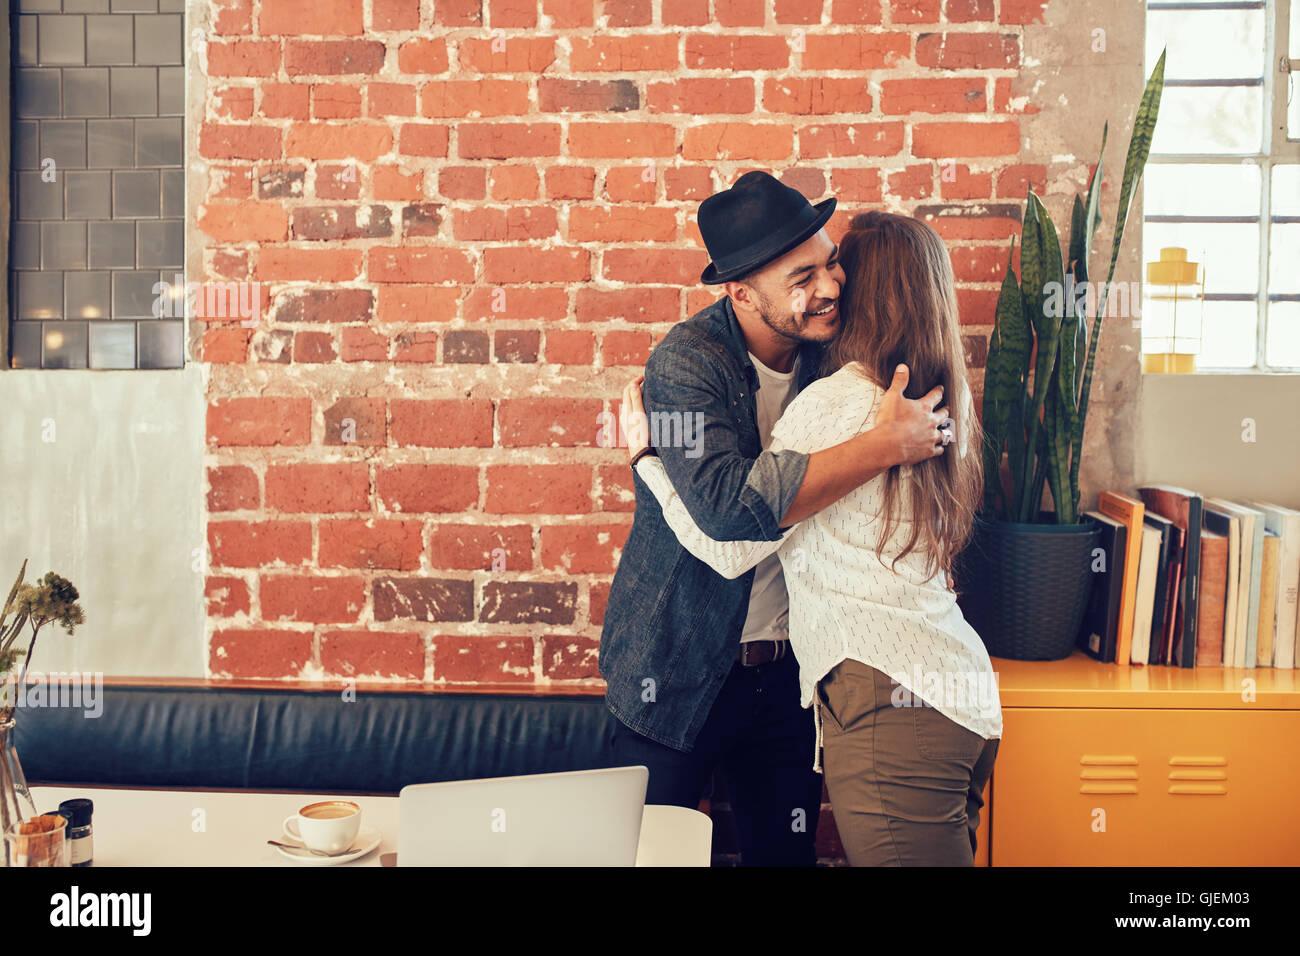 Portrait de jeune homme au café une femme de vœux. Jeune homme serrant sa petite amie dans un café. Photo Stock